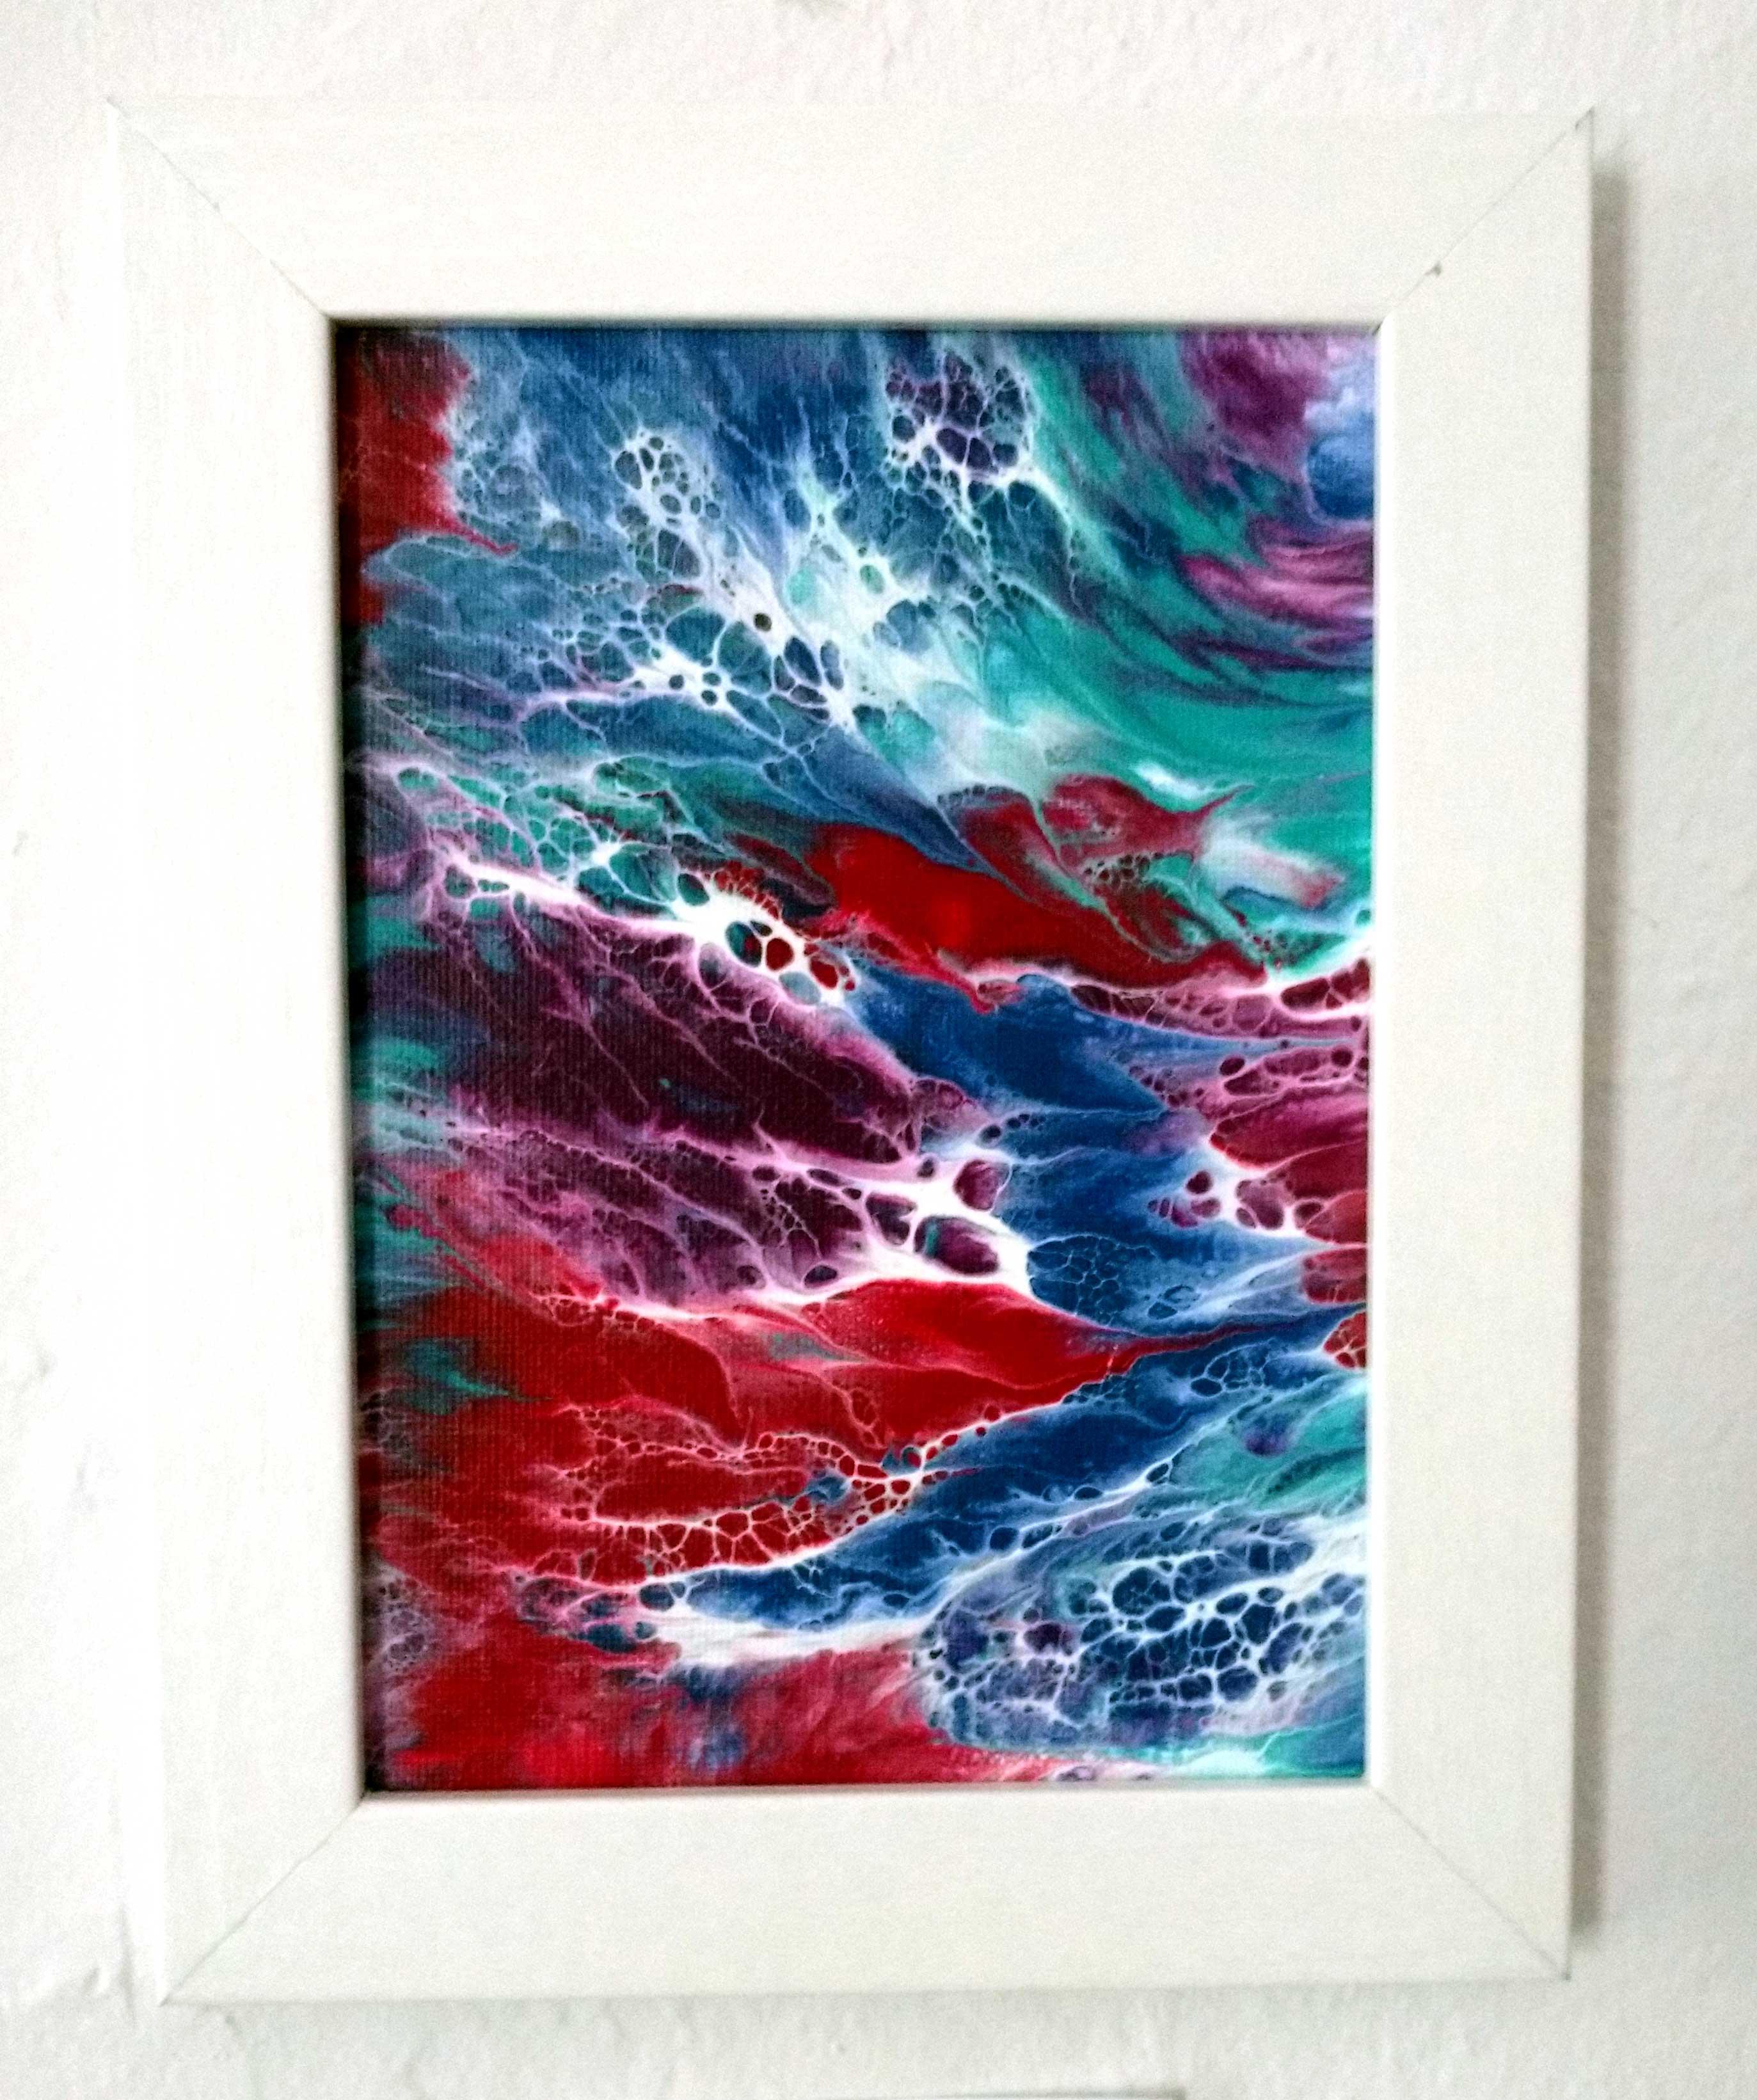 'Sea Foam' Acrylics by Joni Brei